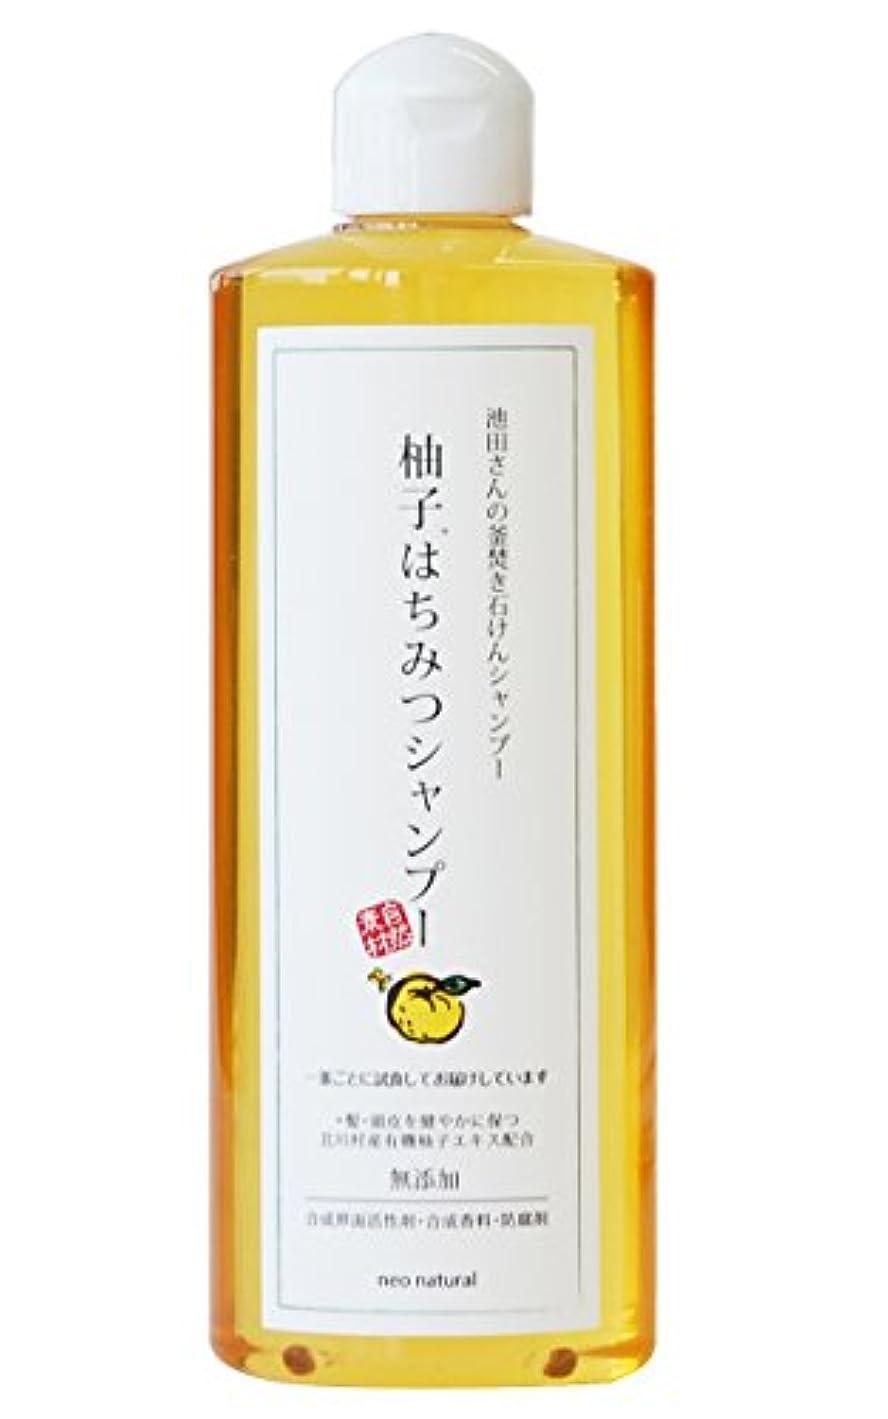 香ばしい不健康加害者ネオナチュラル 柚子はちみつシャンプー 300ml